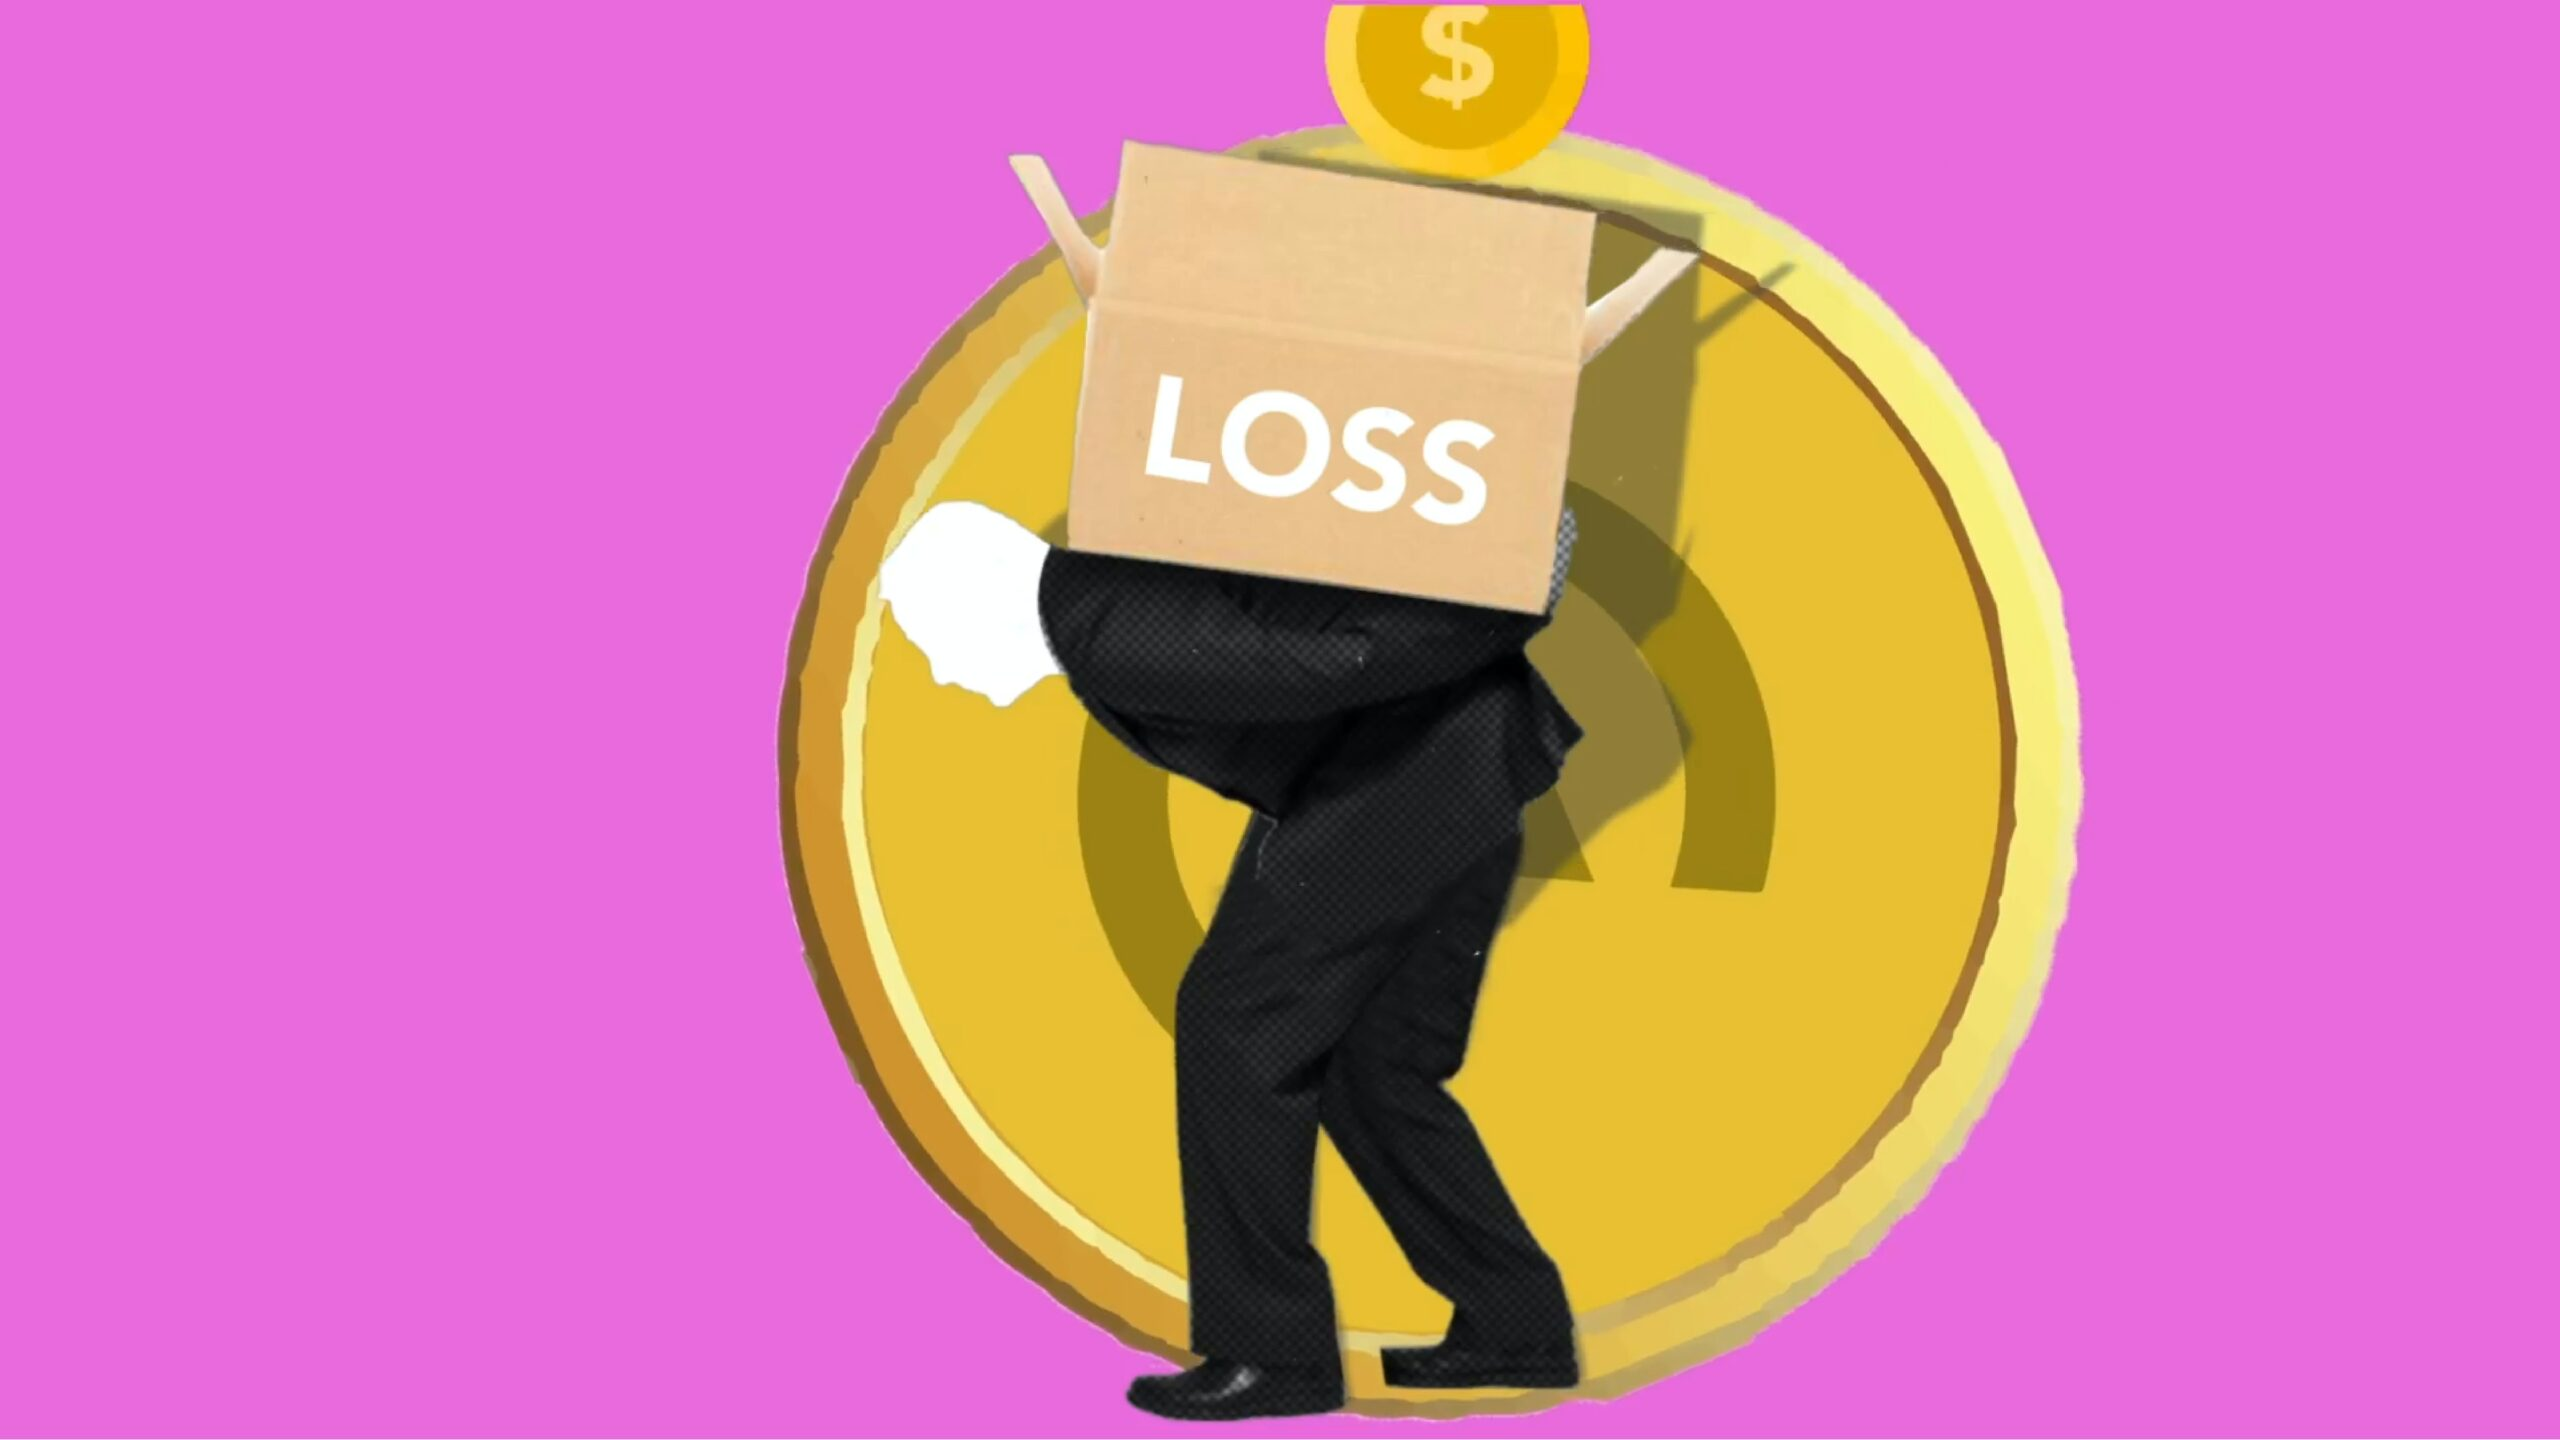 Ai probleme din pricina datoriilor? Se pot rezolva cu ajutor specializat